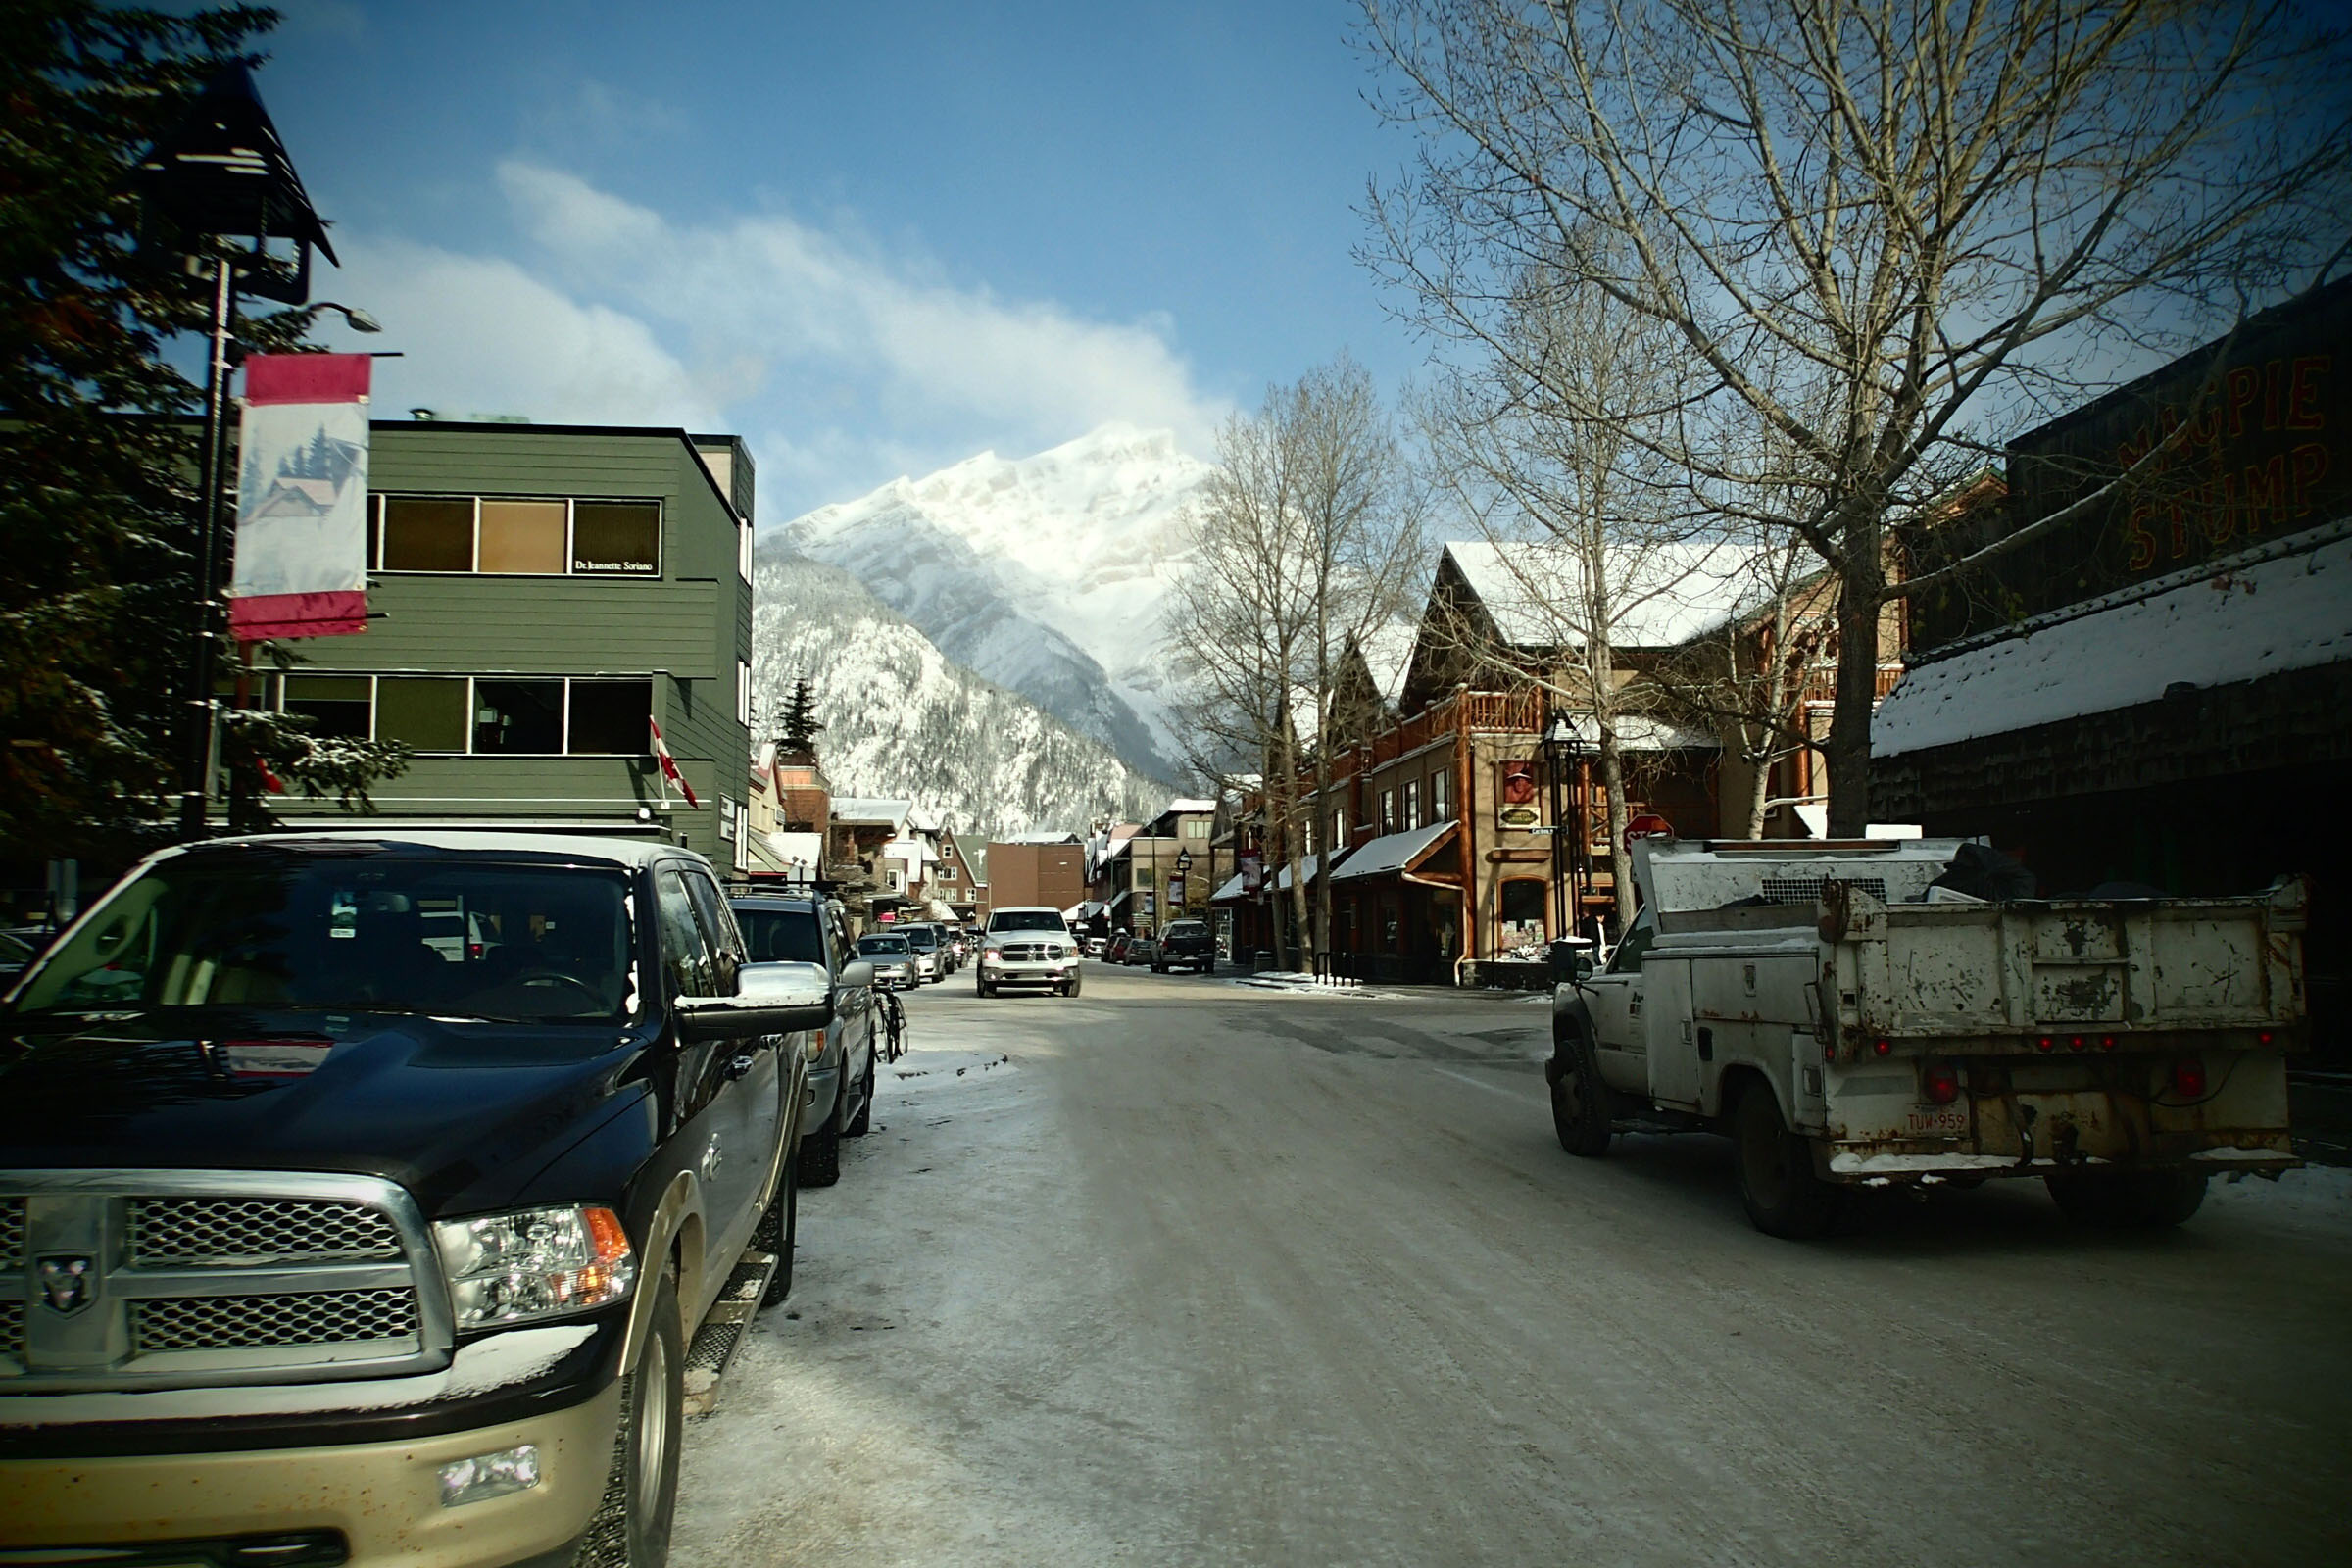 Pohled z hlavní ulice Banffu